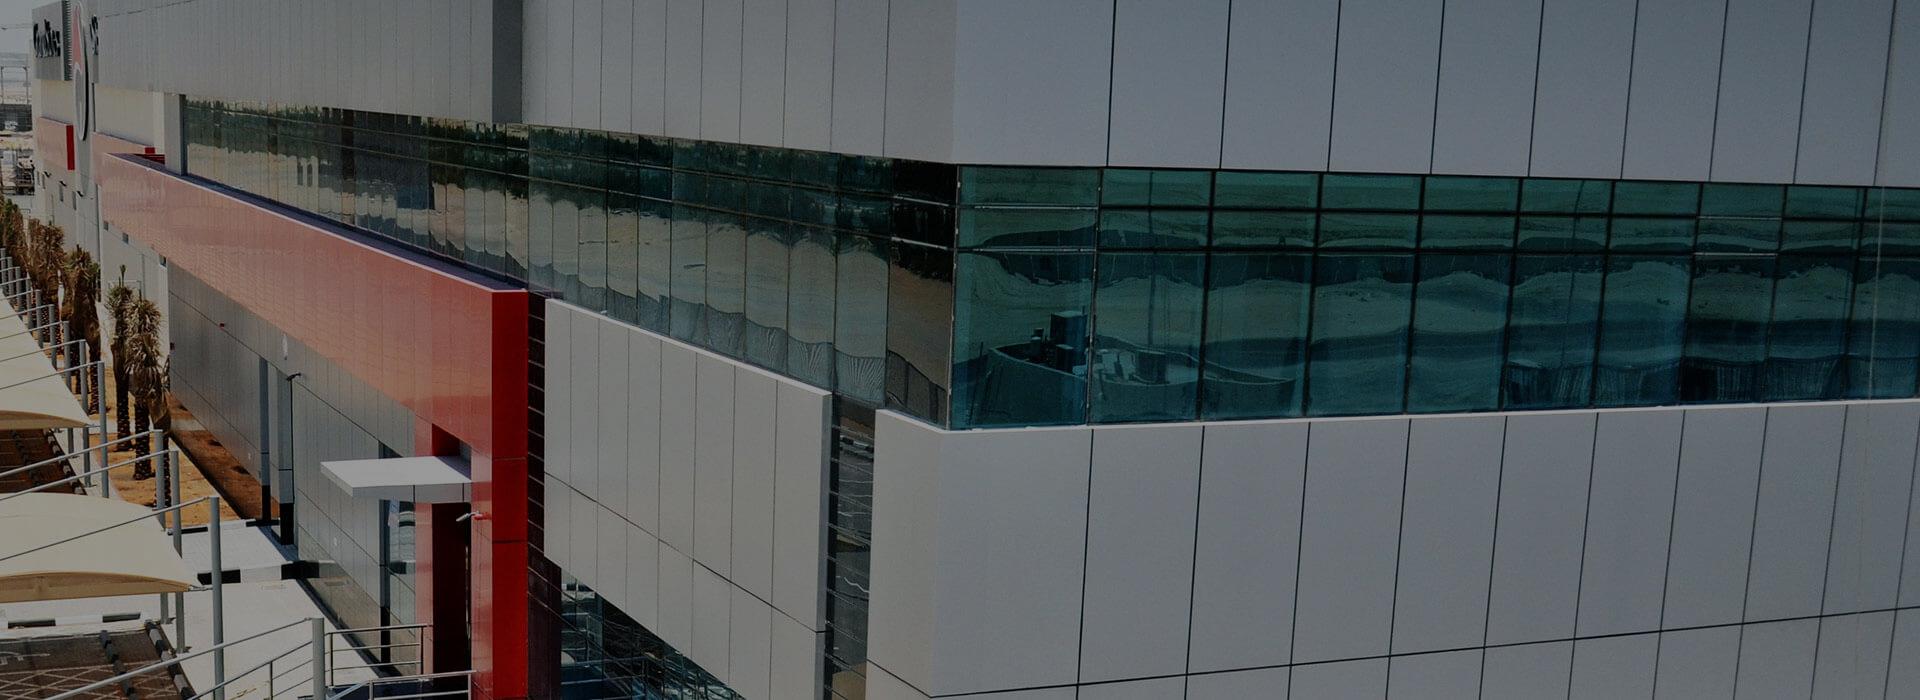 Aluminium & Glazing